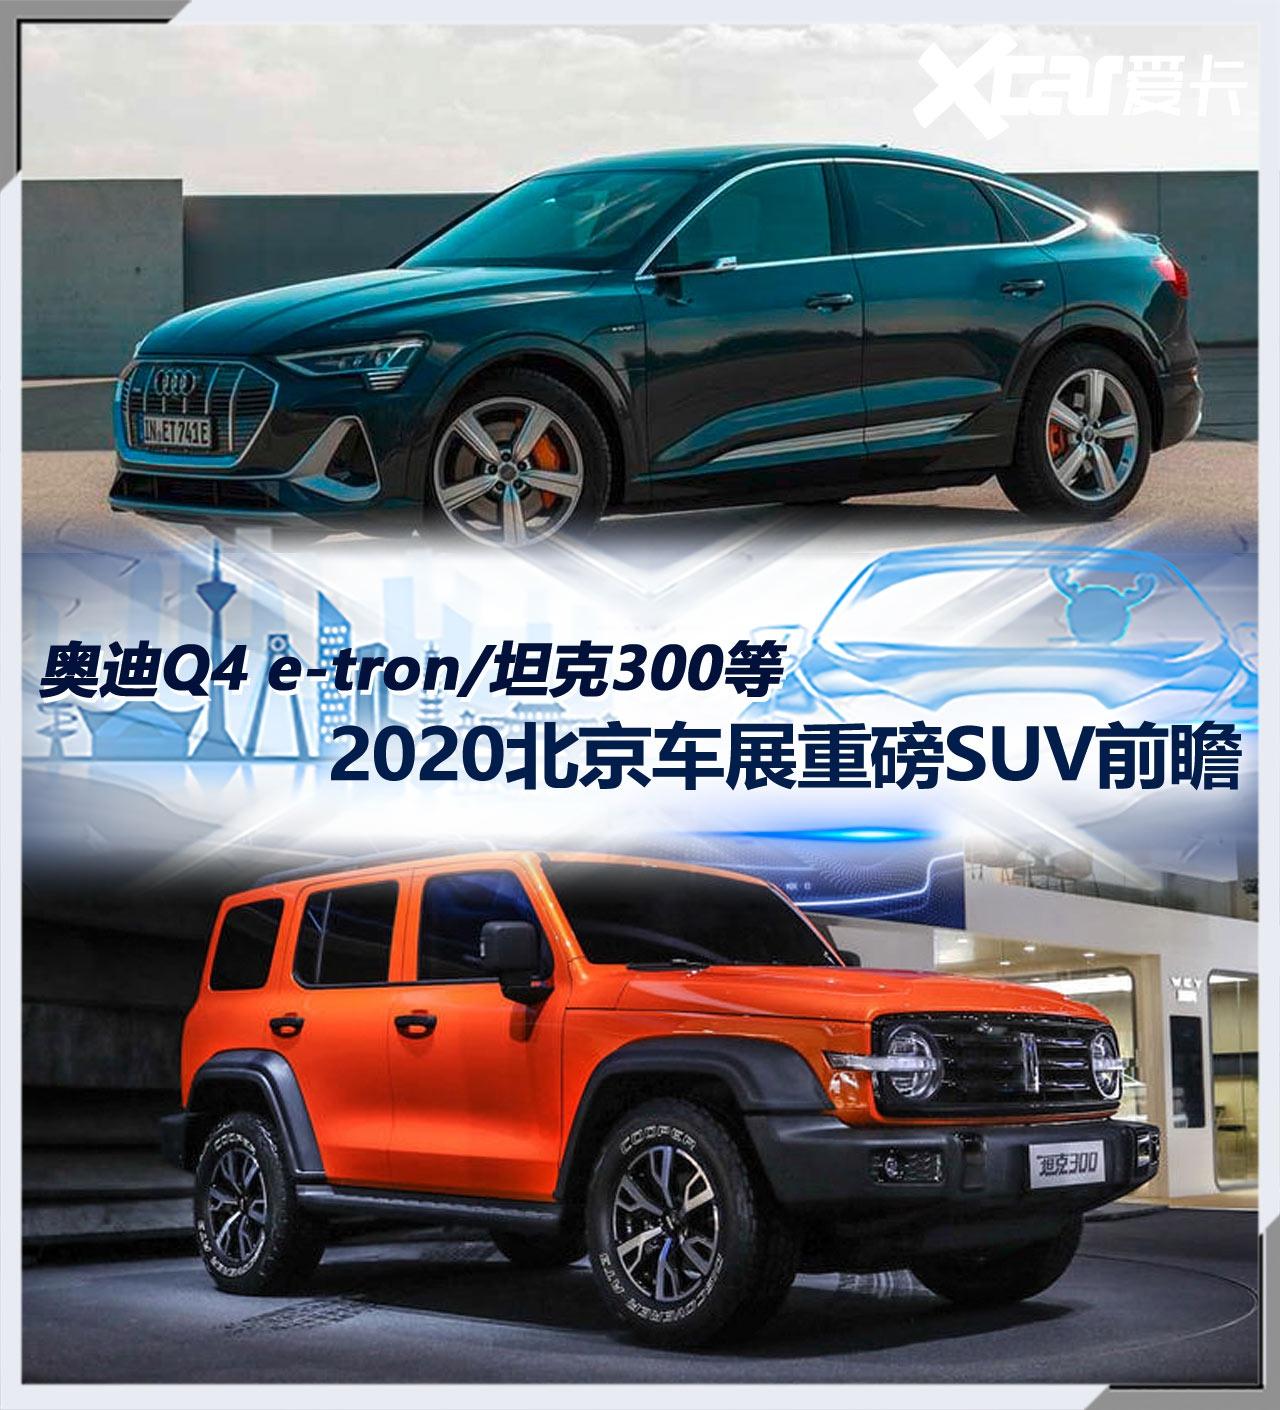 奥迪e-tron/坦克300等 北京车展重点SUV